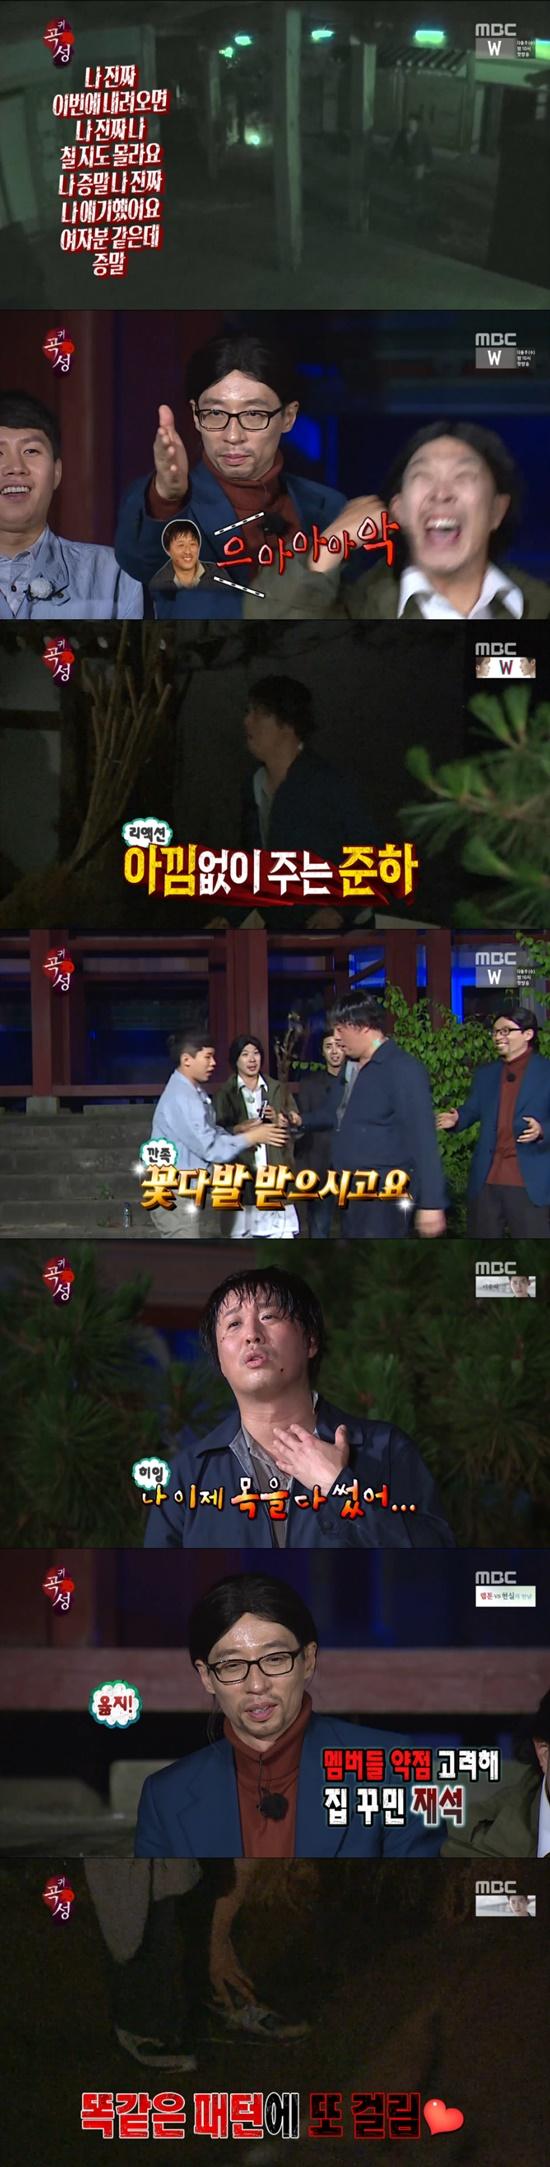 무한도전 귀곡성. 사진=MBC '무한도전' 방송 캡쳐